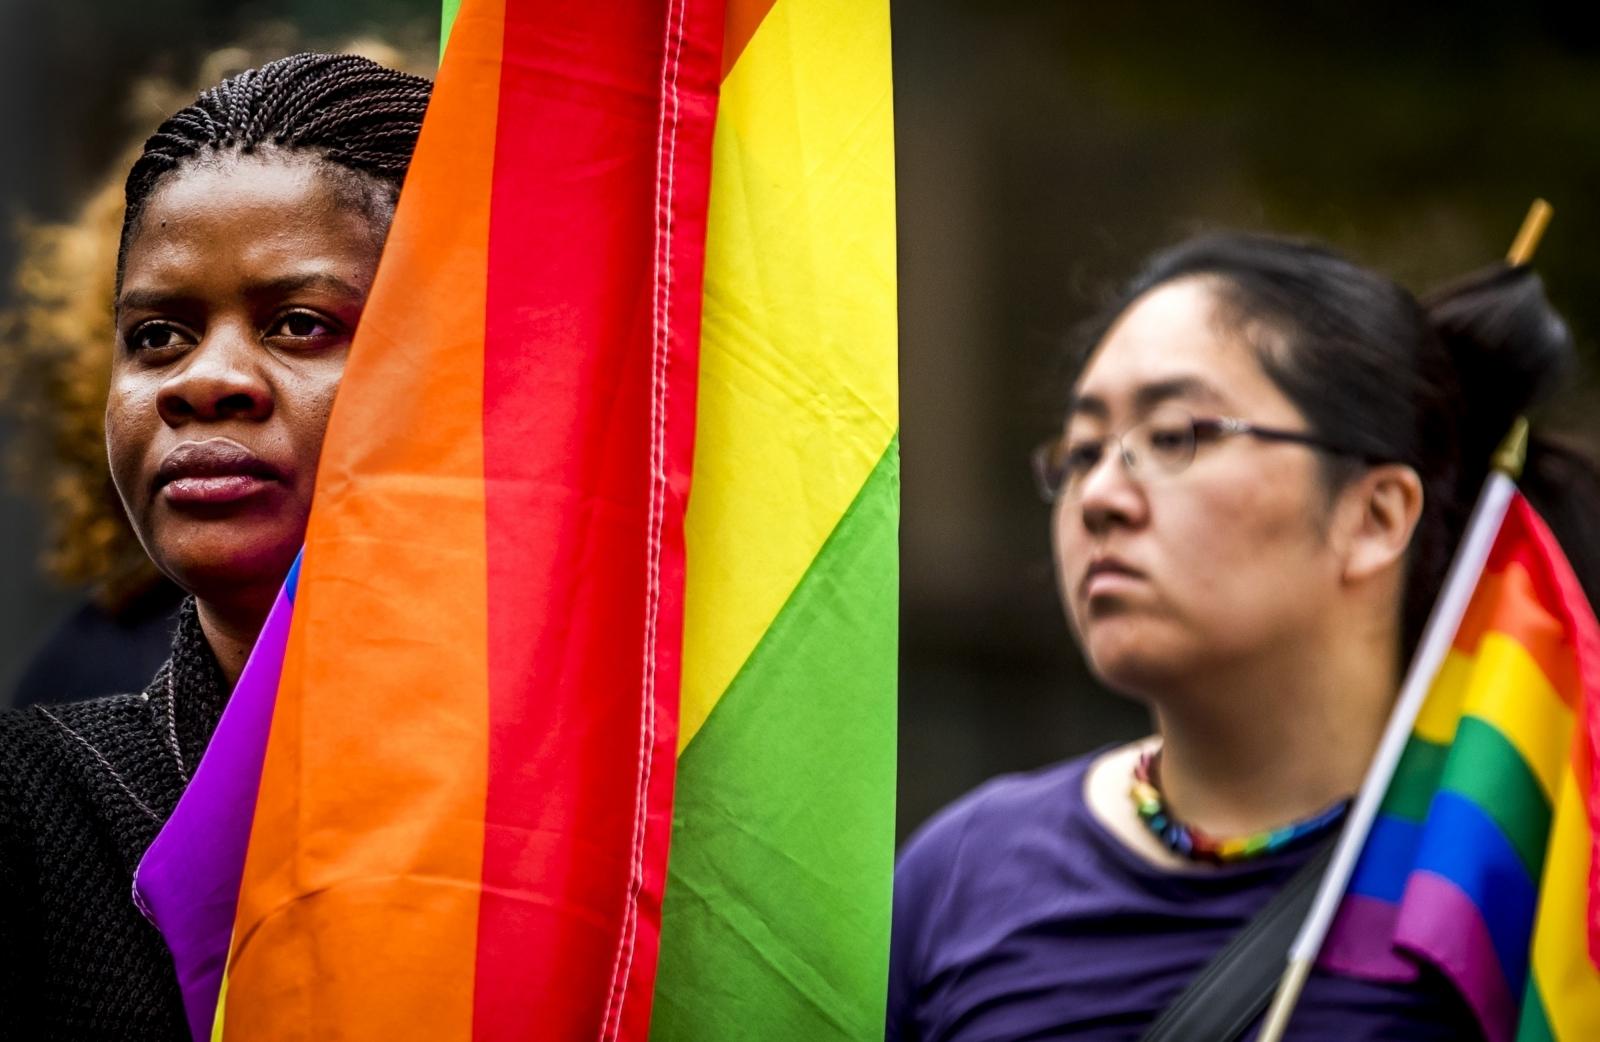 Gay asylum seekers